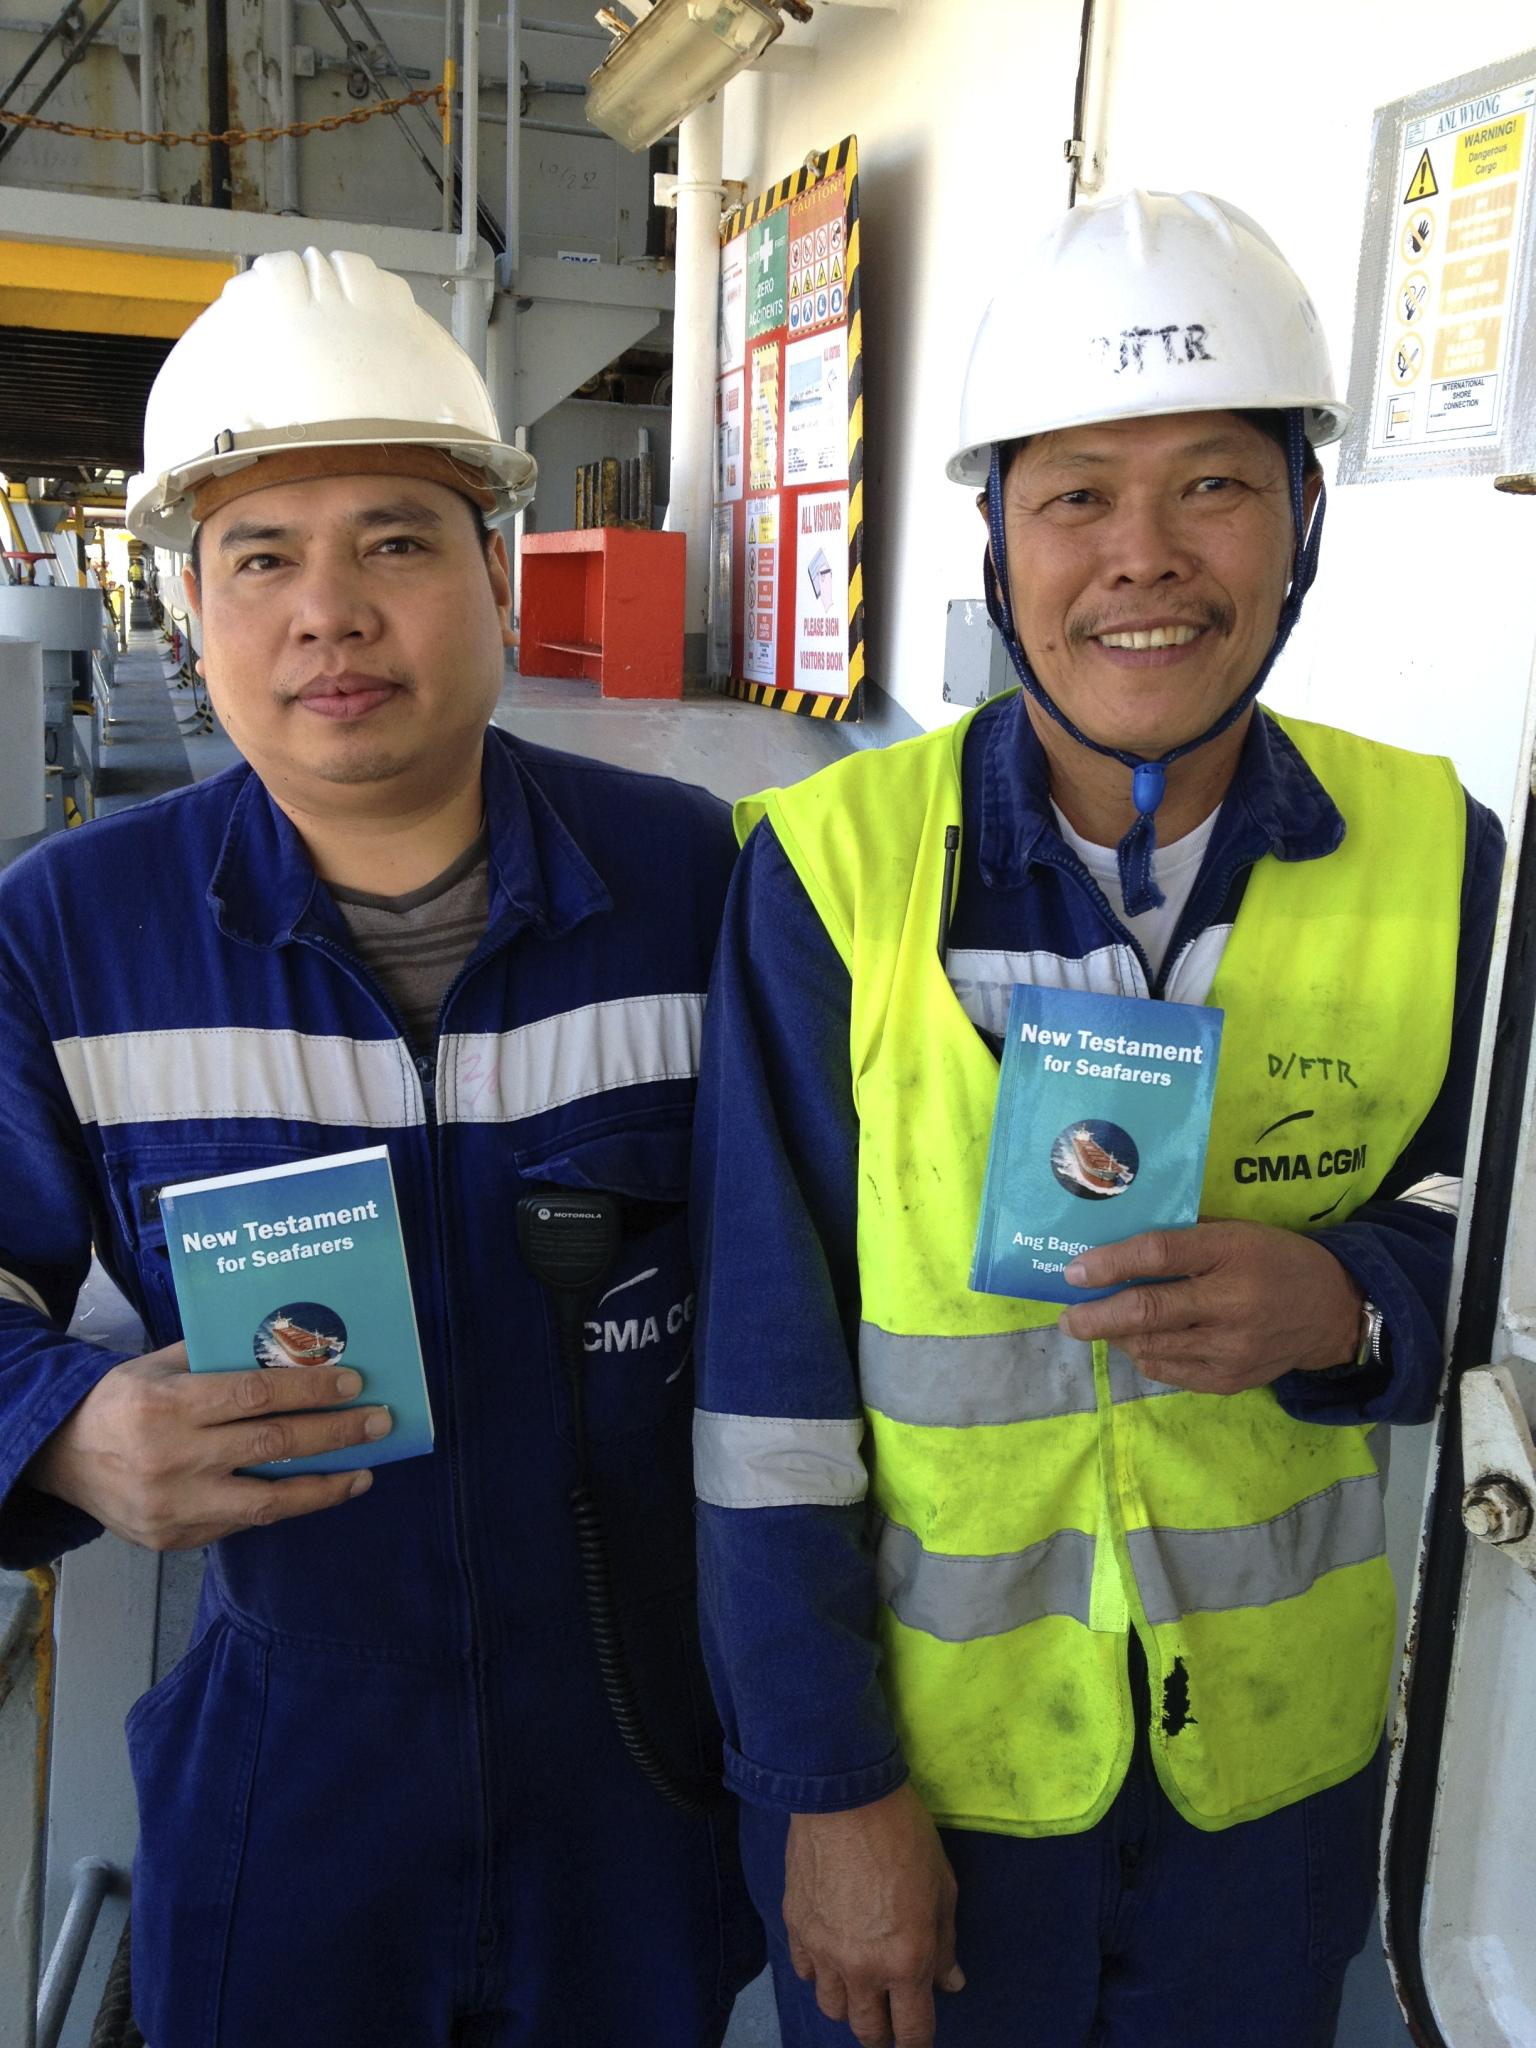 2 Philippino sailors with the bi-Lingual (English/Tagalog) NIV New Testaments